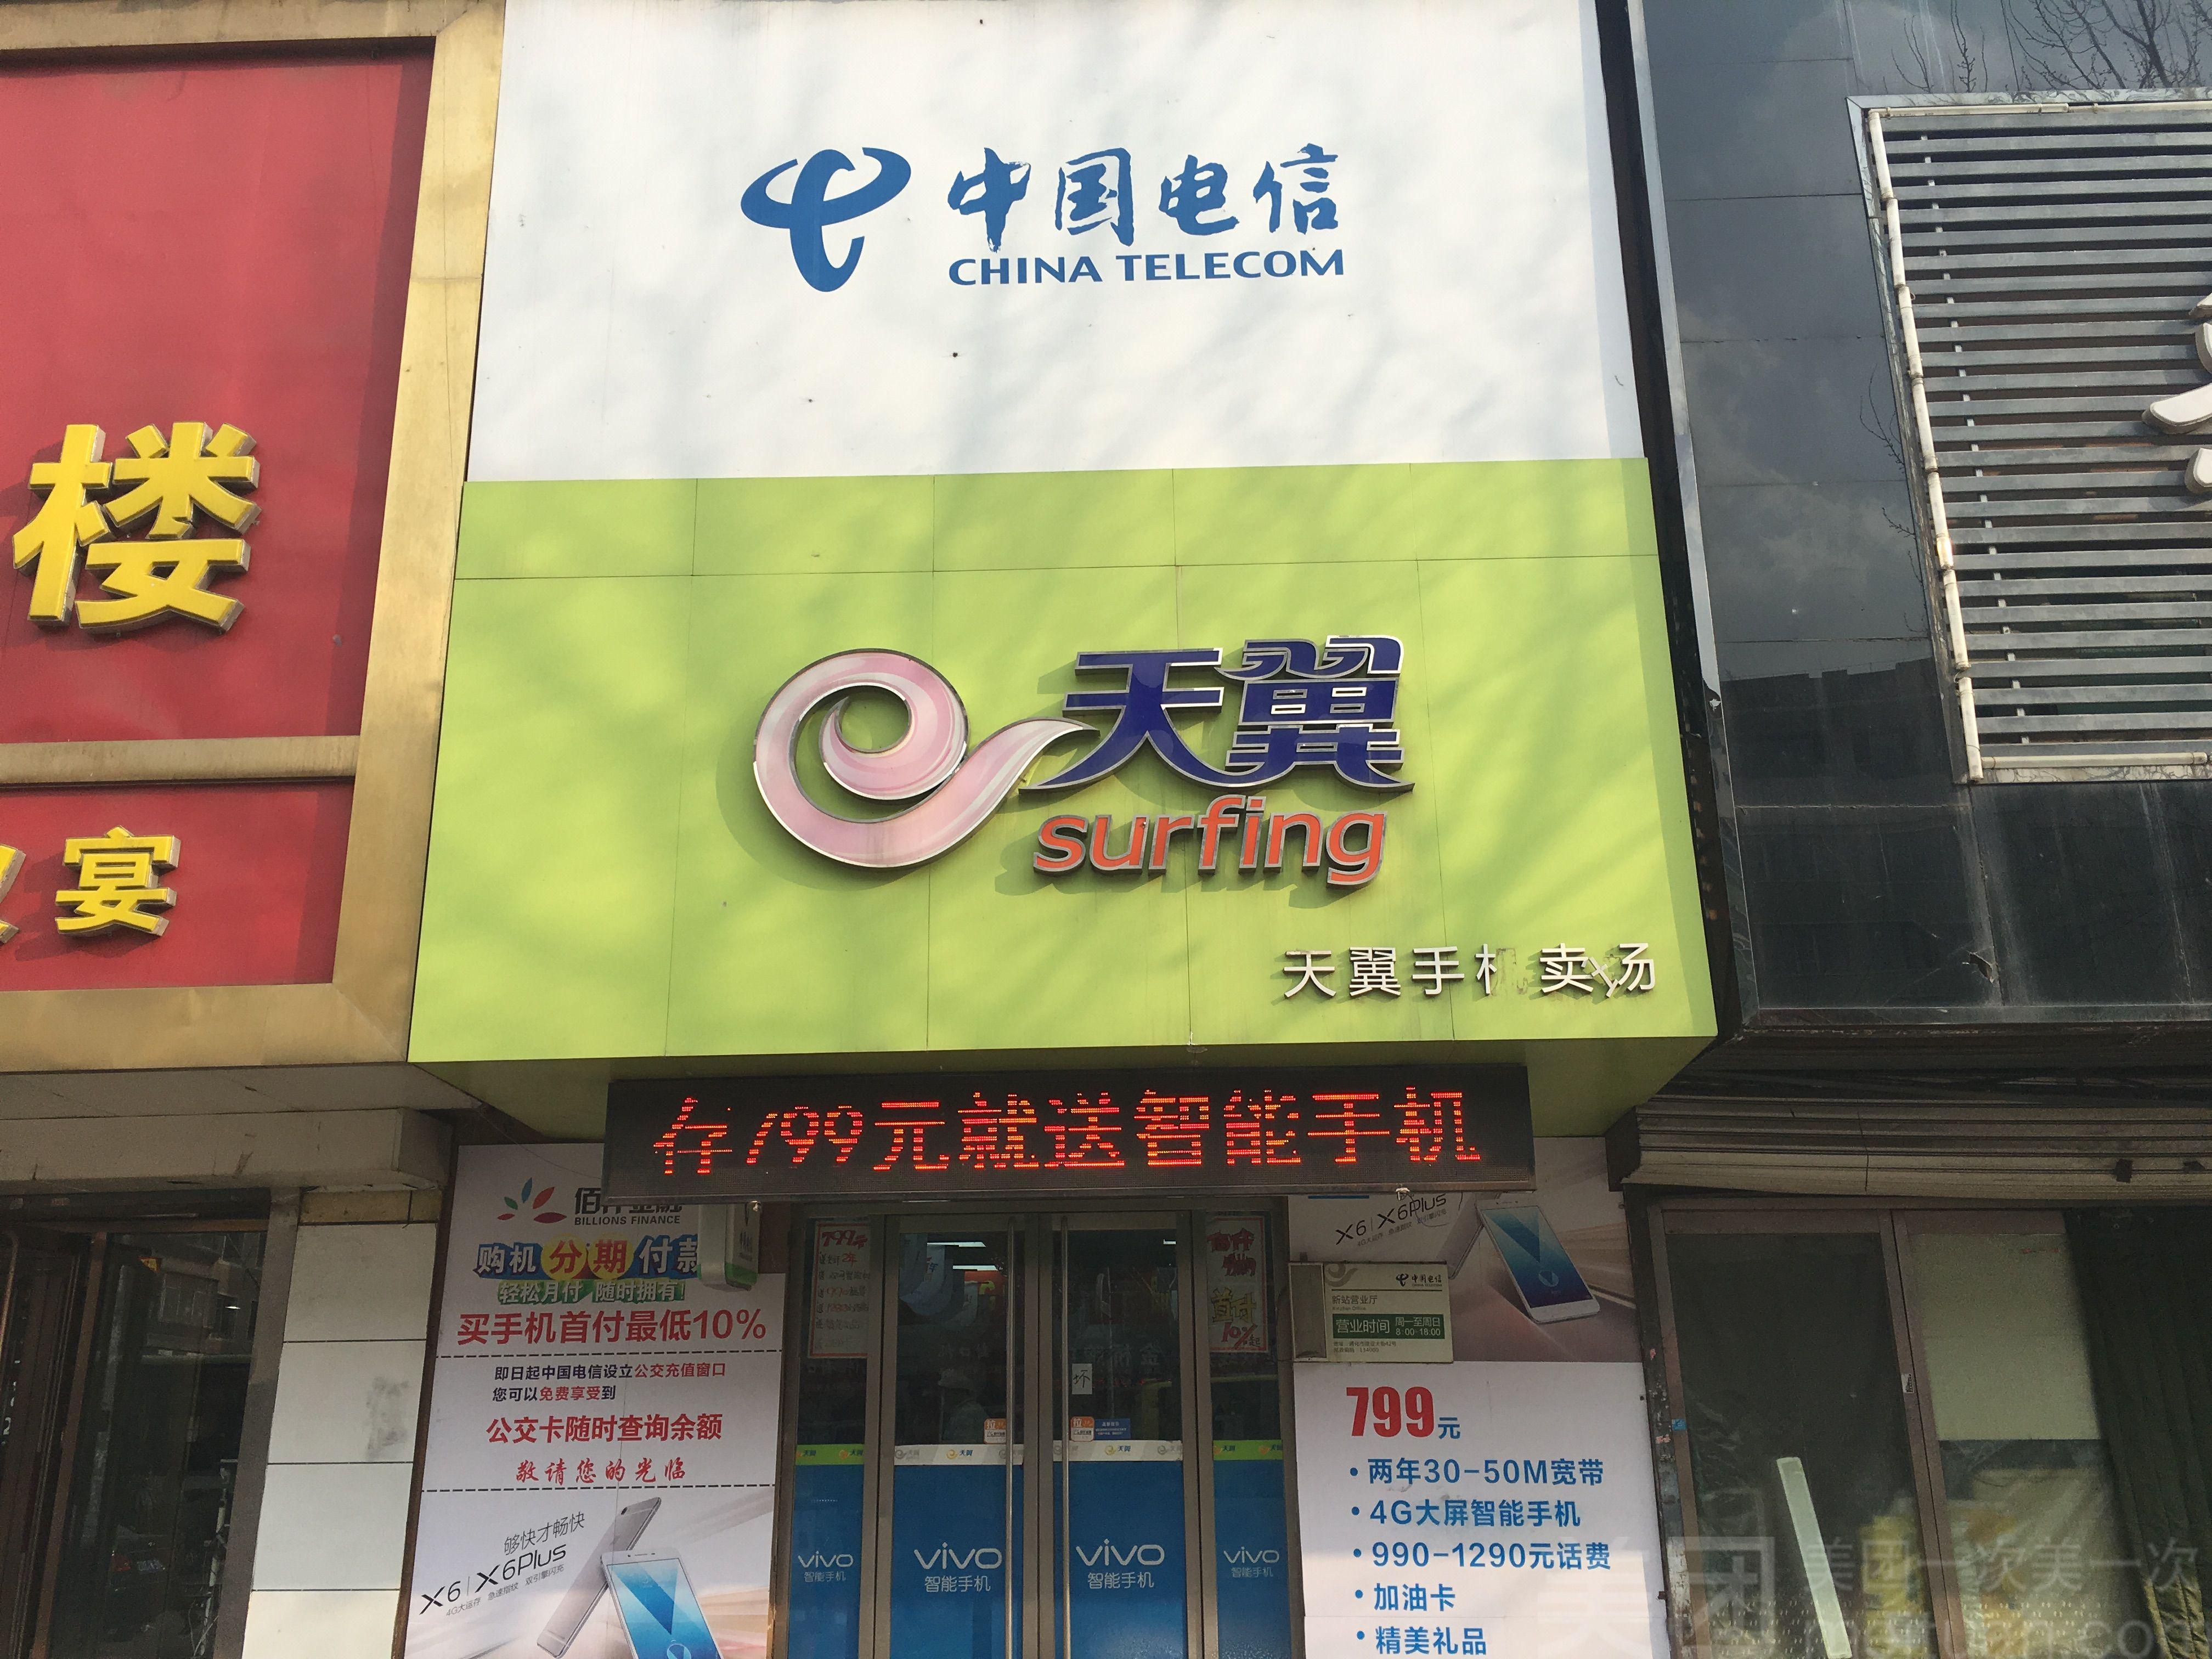 中国电信-两年宽带送十重大礼,仅售759元,价值799元两年宽带送十重大礼,免费WiFi,免费停车位!